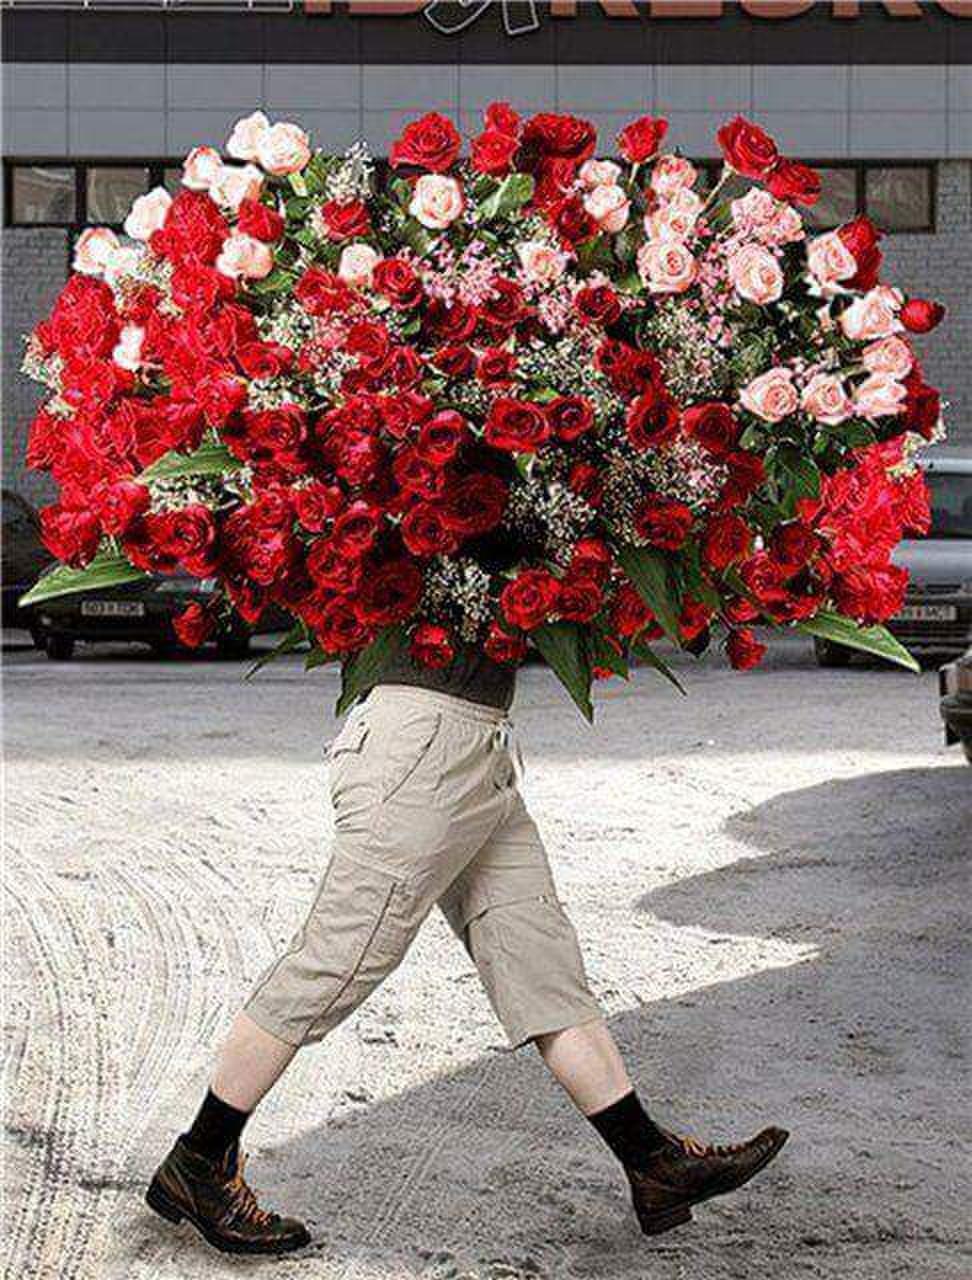 Цветы-не самый практичный подарок